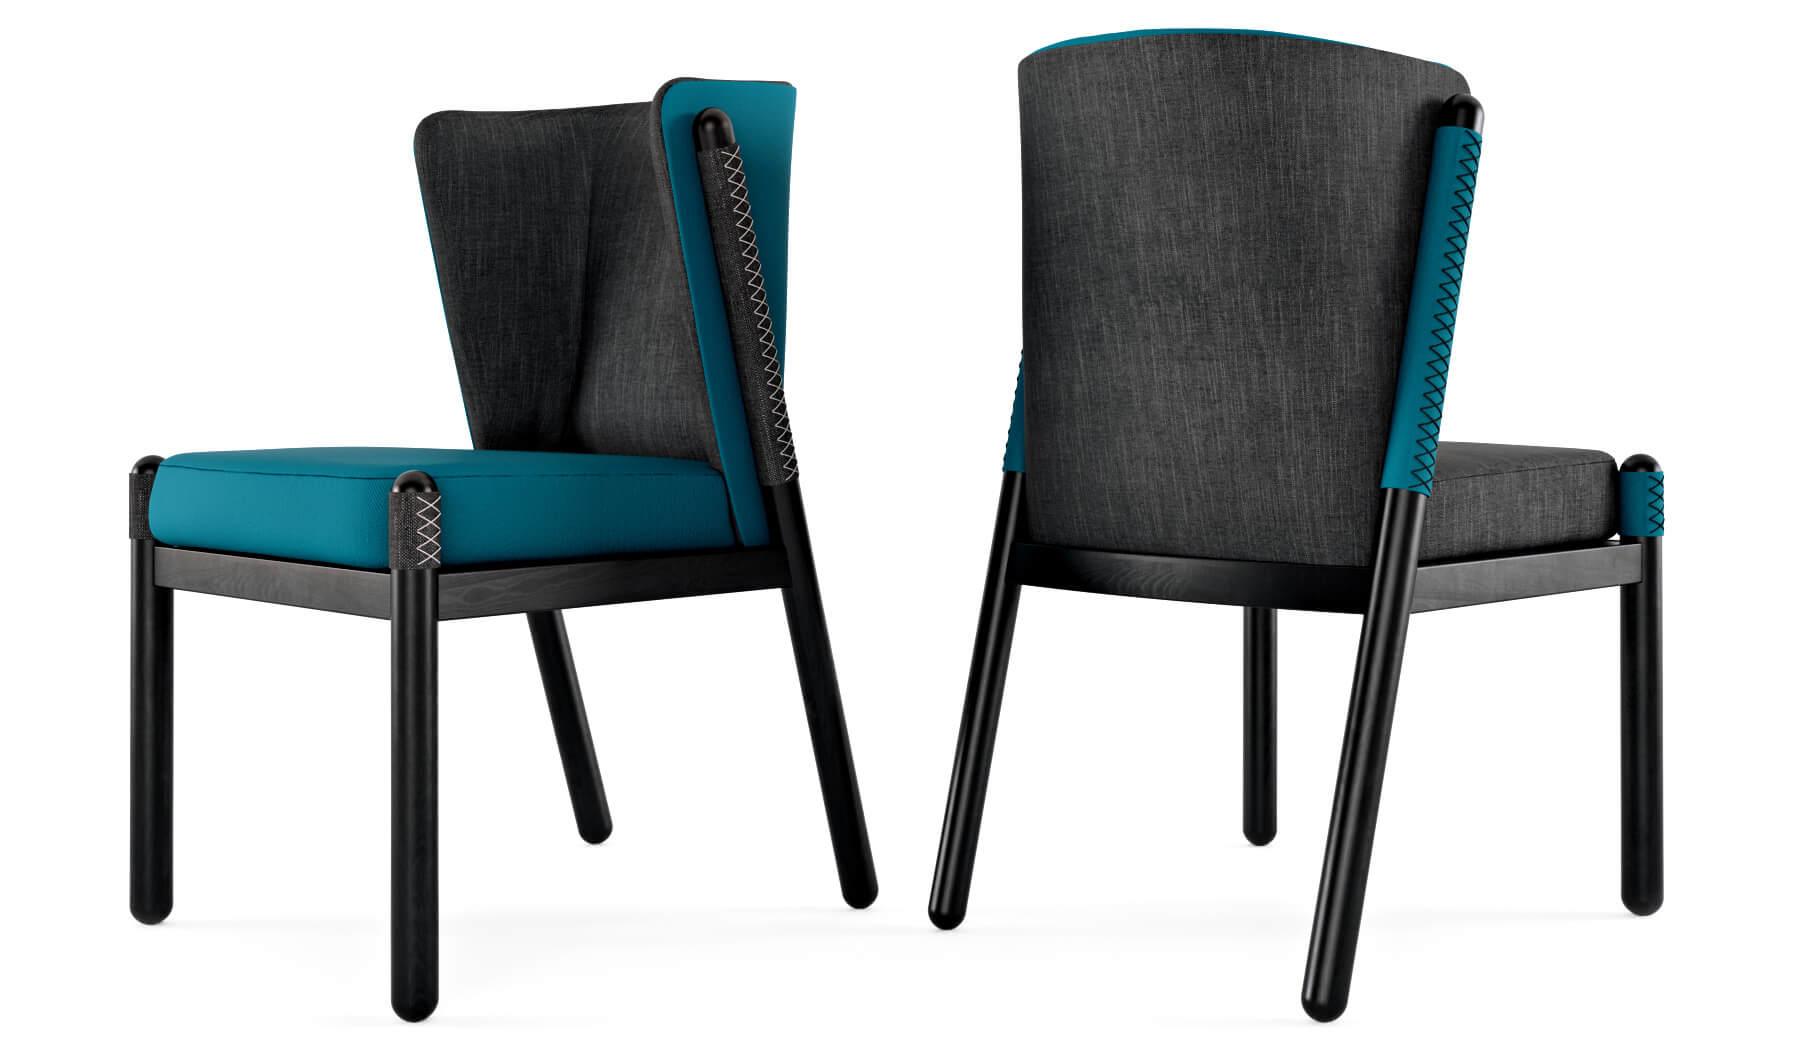 3D Rendering for Furniture Design Testing